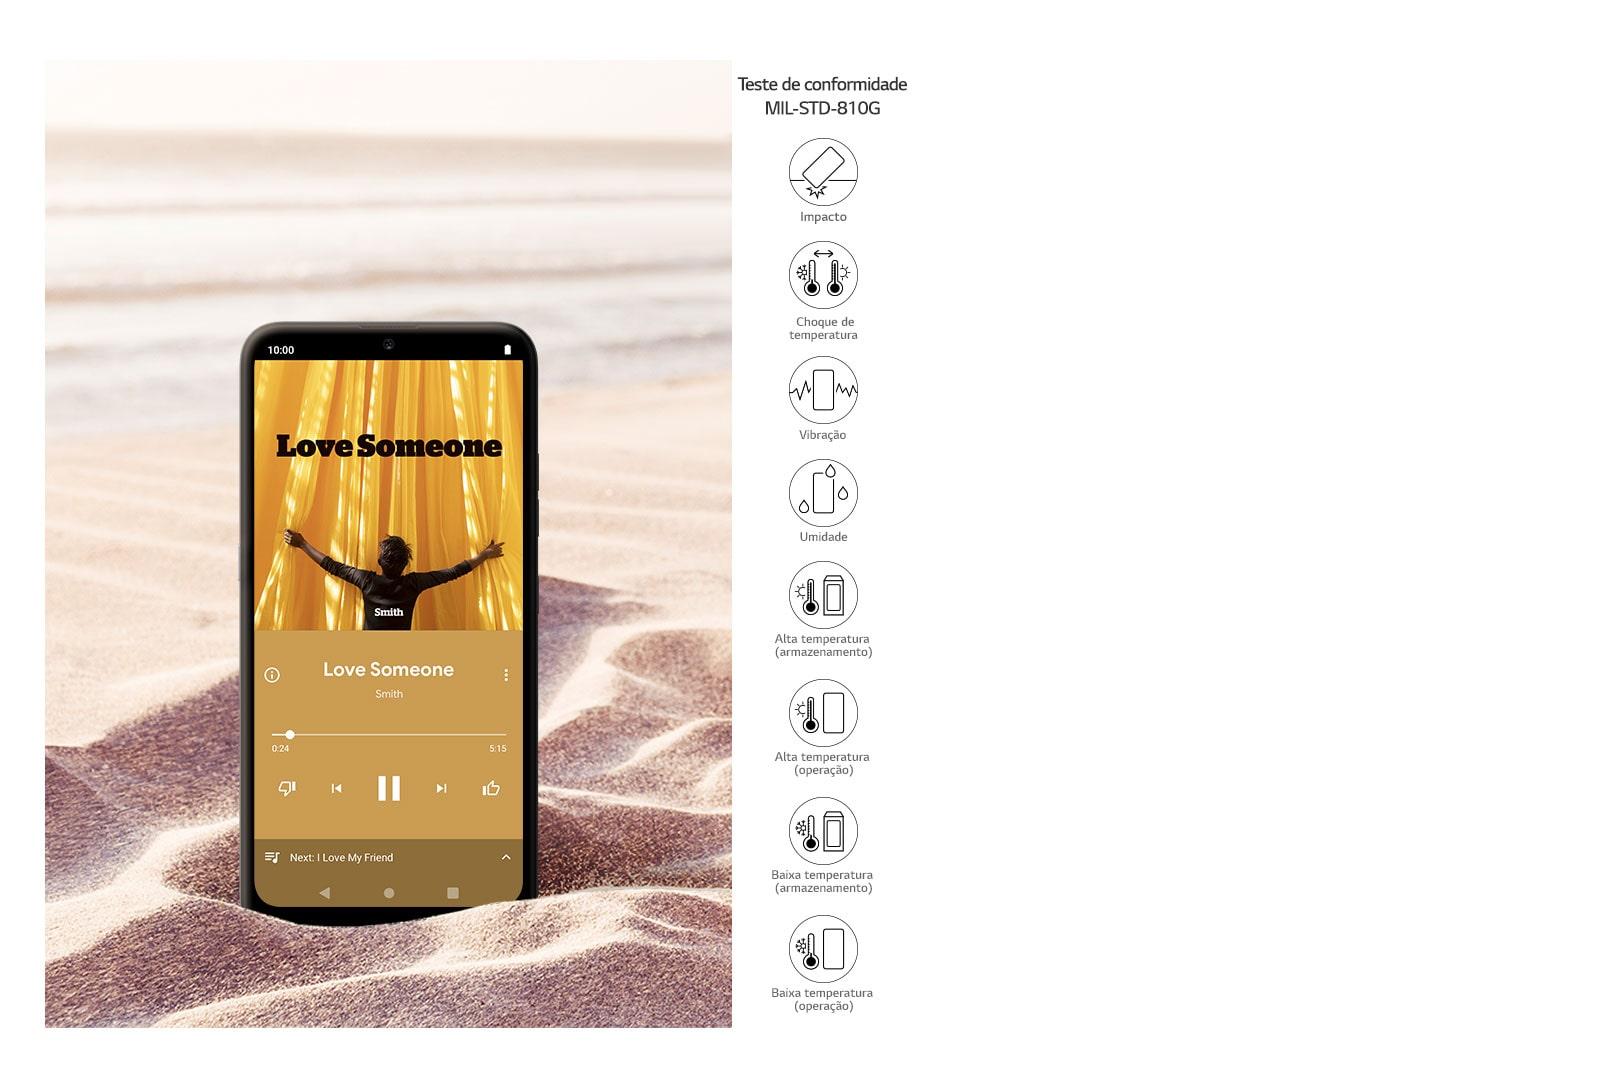 Smartphone tocando música no meio do deserto